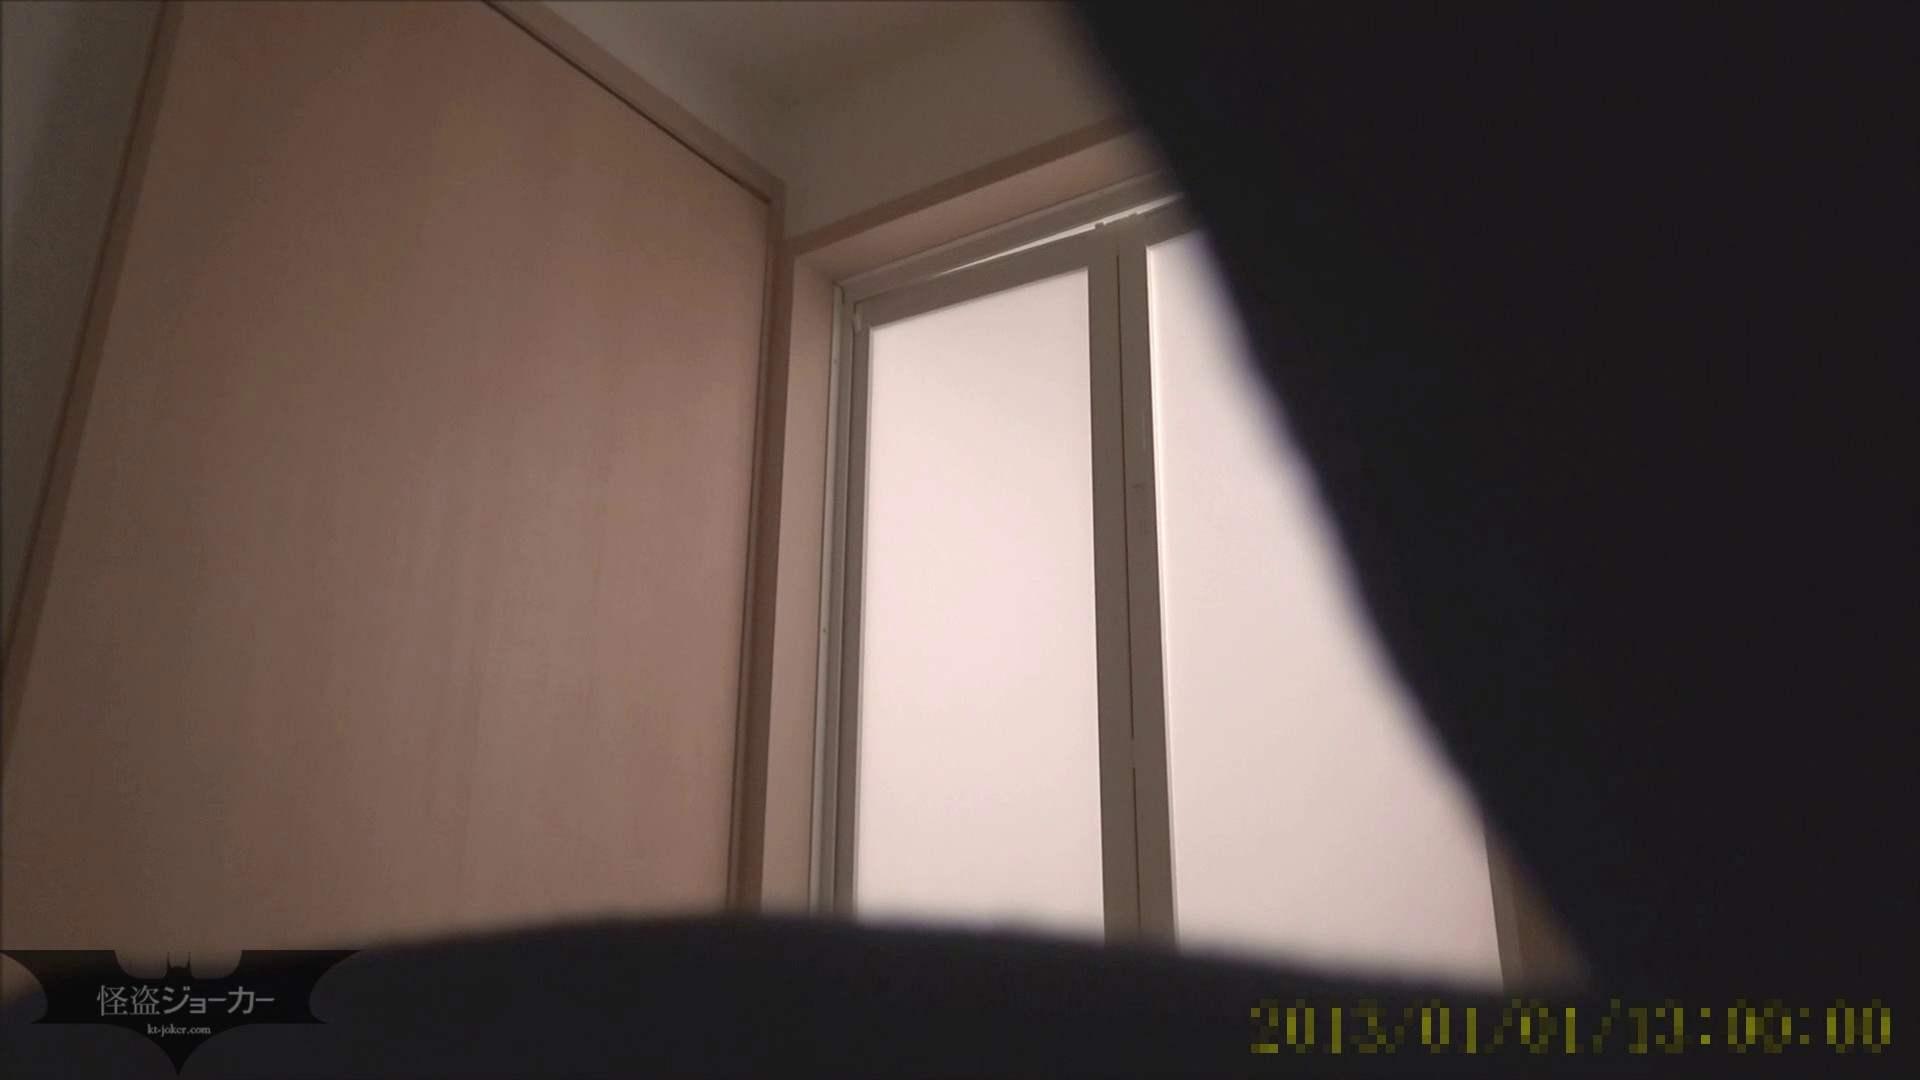 【未公開】vol.103  {黒髪→茶髪ボブに変身}美巨乳アミちゃん④【前編】 丸見え アダルト動画キャプチャ 92画像 63